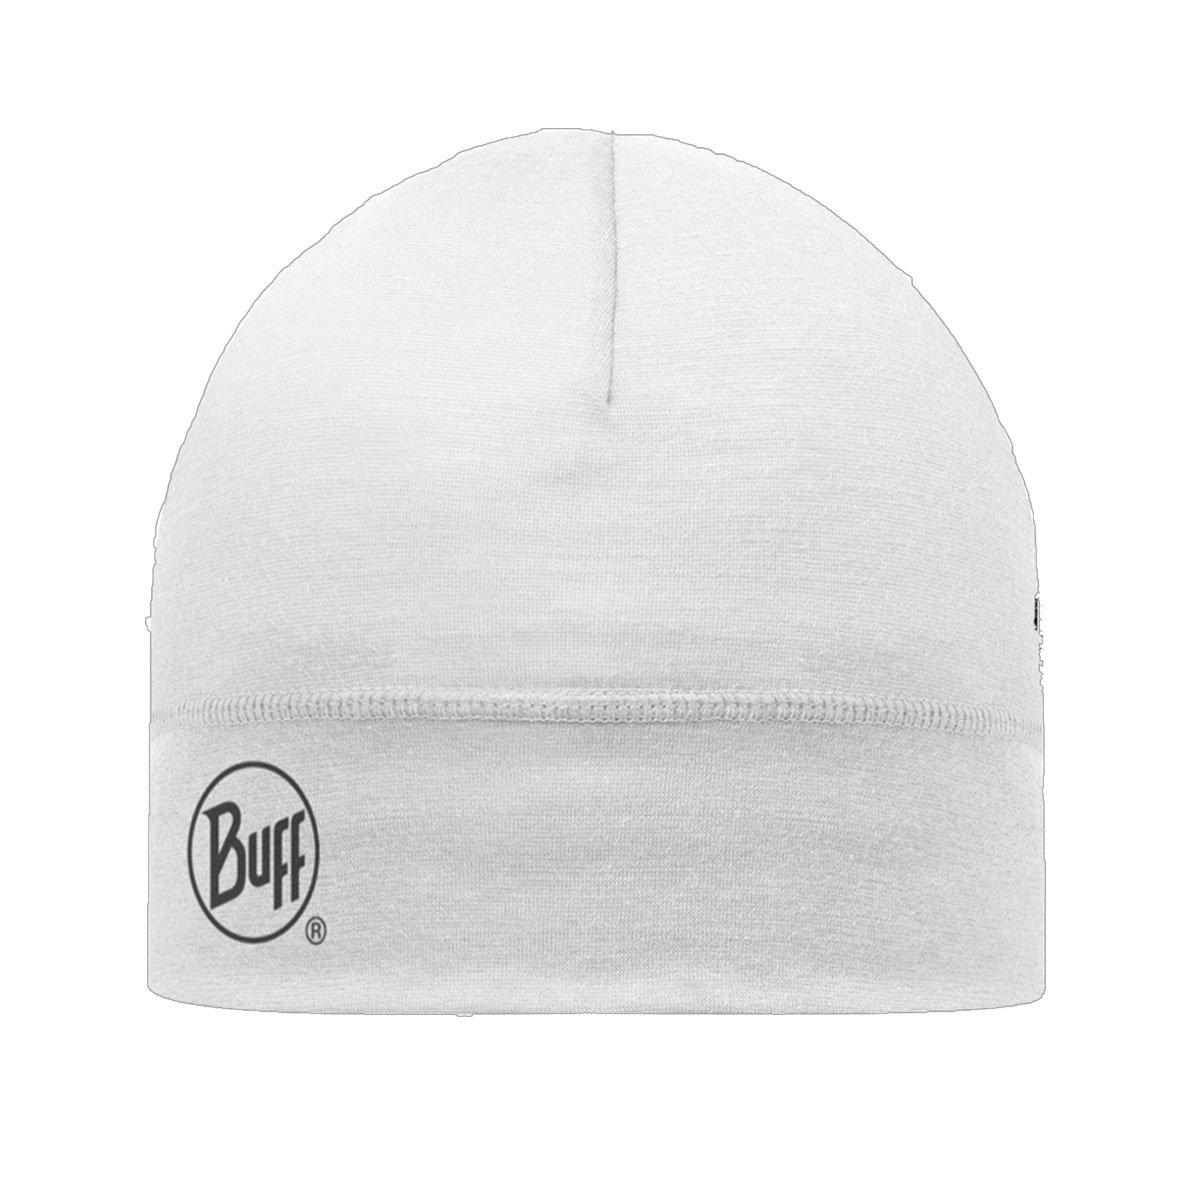 feab9a70244 Amazon.com  Buff Headwear Merino Wool Hat